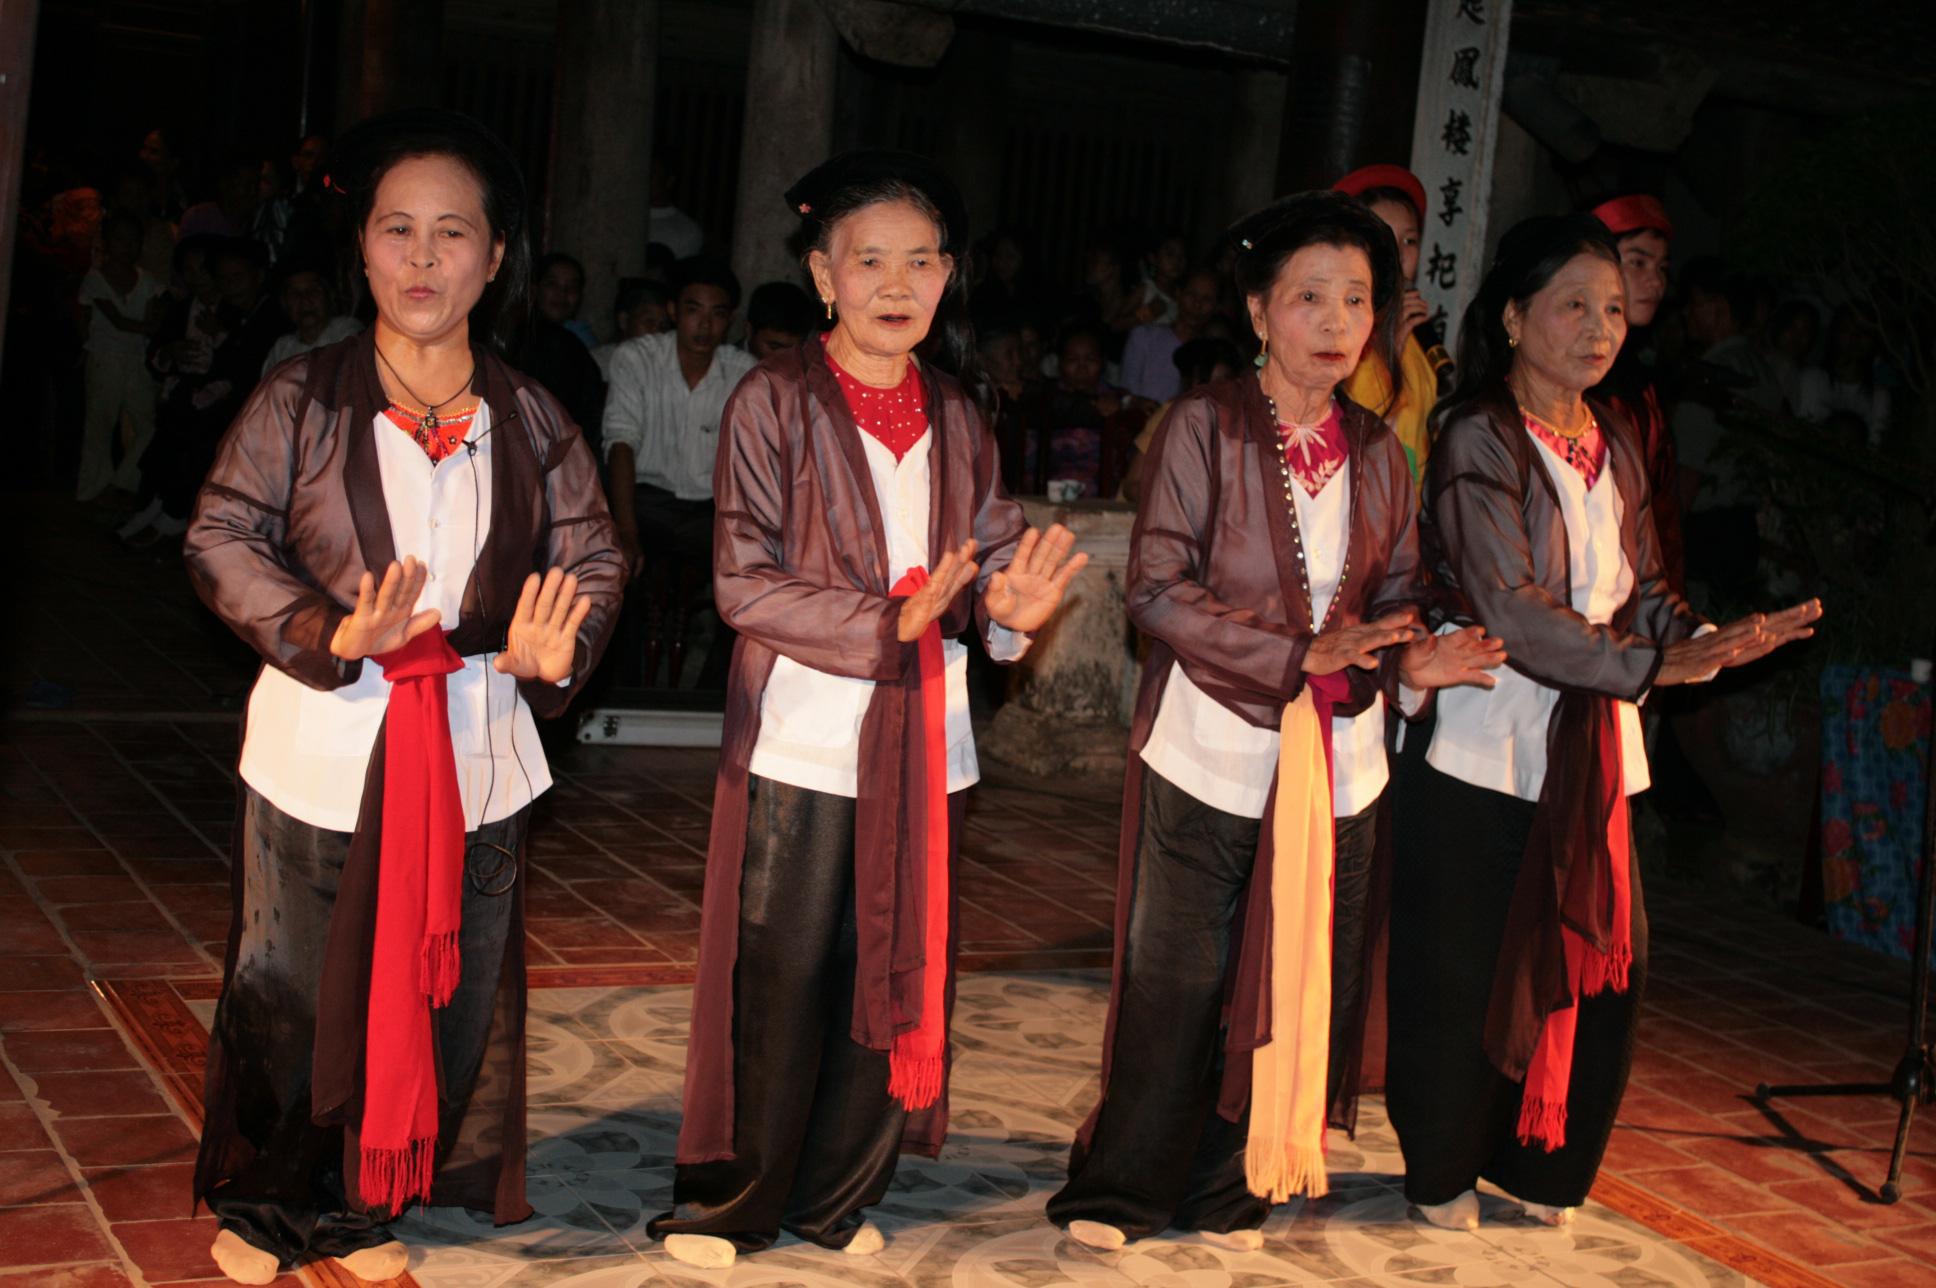 Lần đầu tiên tái hiện Hội làng Việt cổ và tôn vinh tín ngưỡng thờ Mẫu ở Phú Thọ - Ảnh 2.